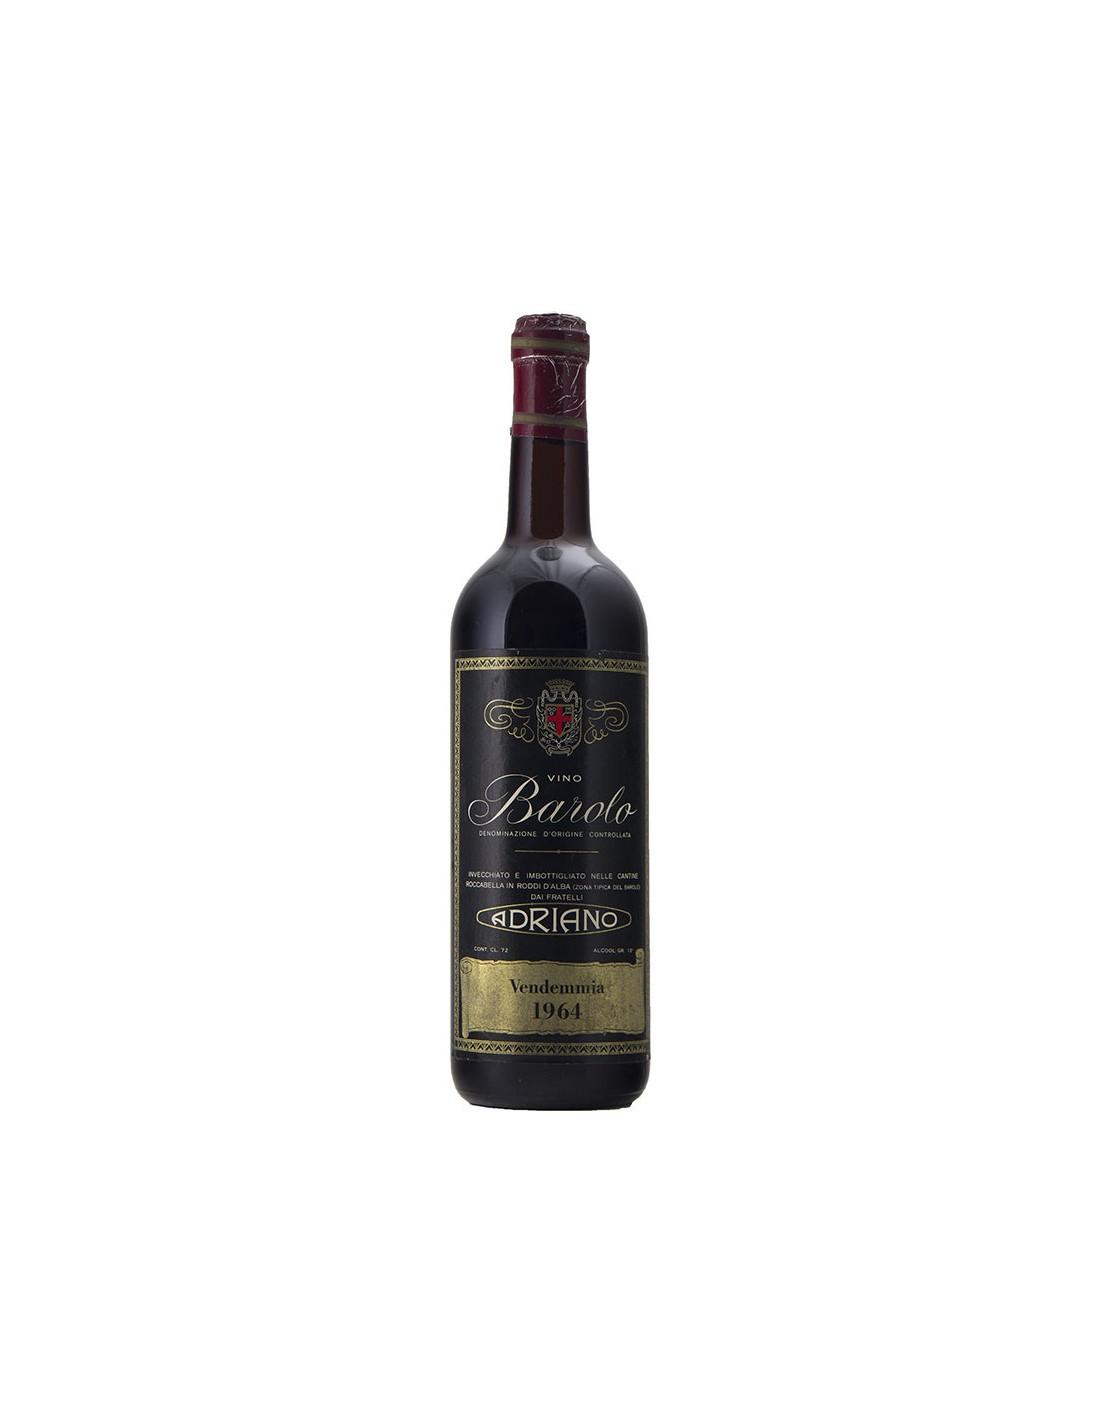 BAROLO 1964 FRATELLI ADRIANO Grandi Bottiglie